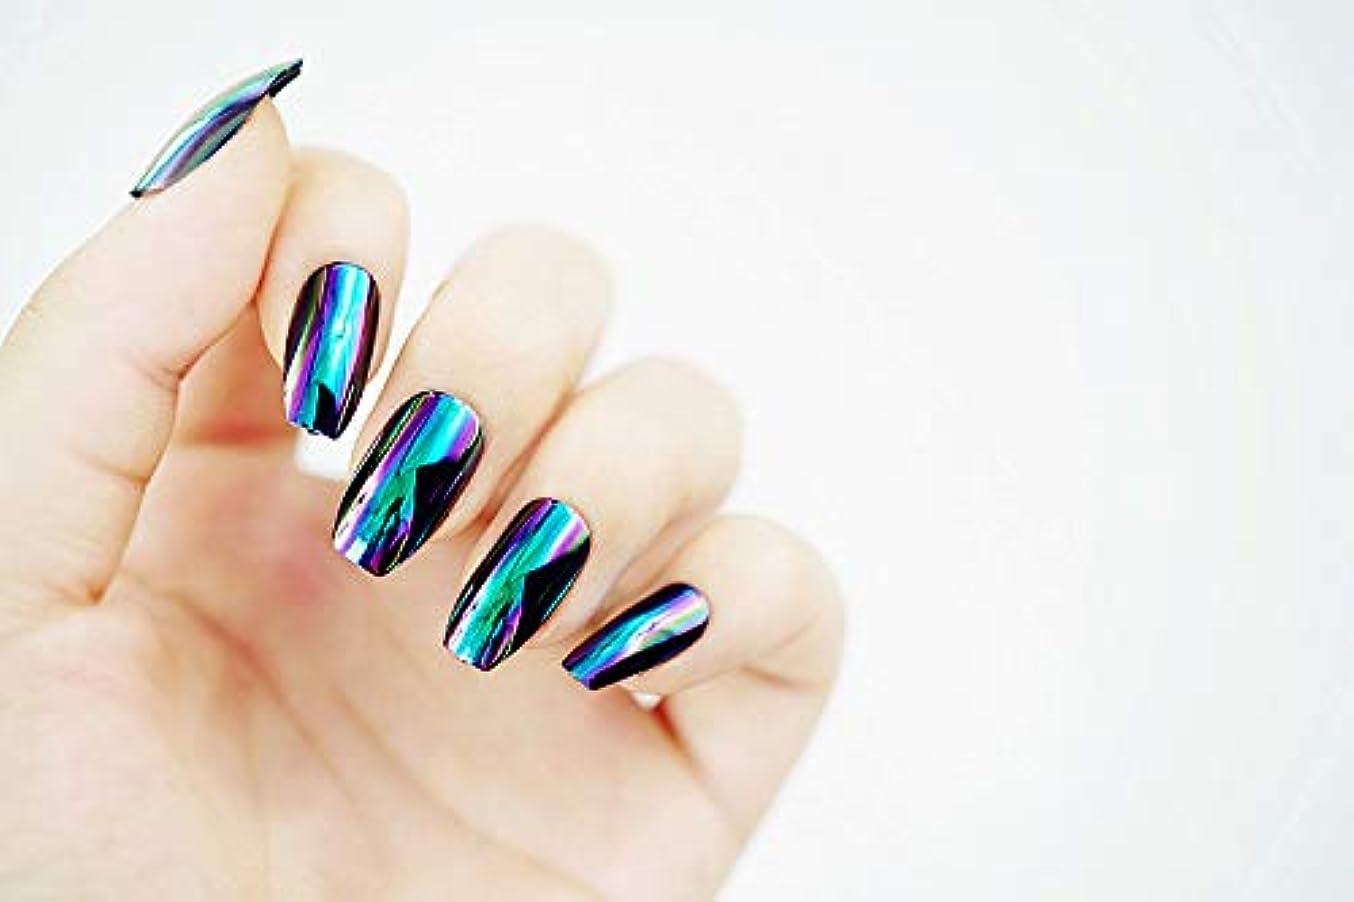 差別蒸留する経験者欧米で流行るパンク風付け爪 色変化のミラー付け爪 24枚付け爪